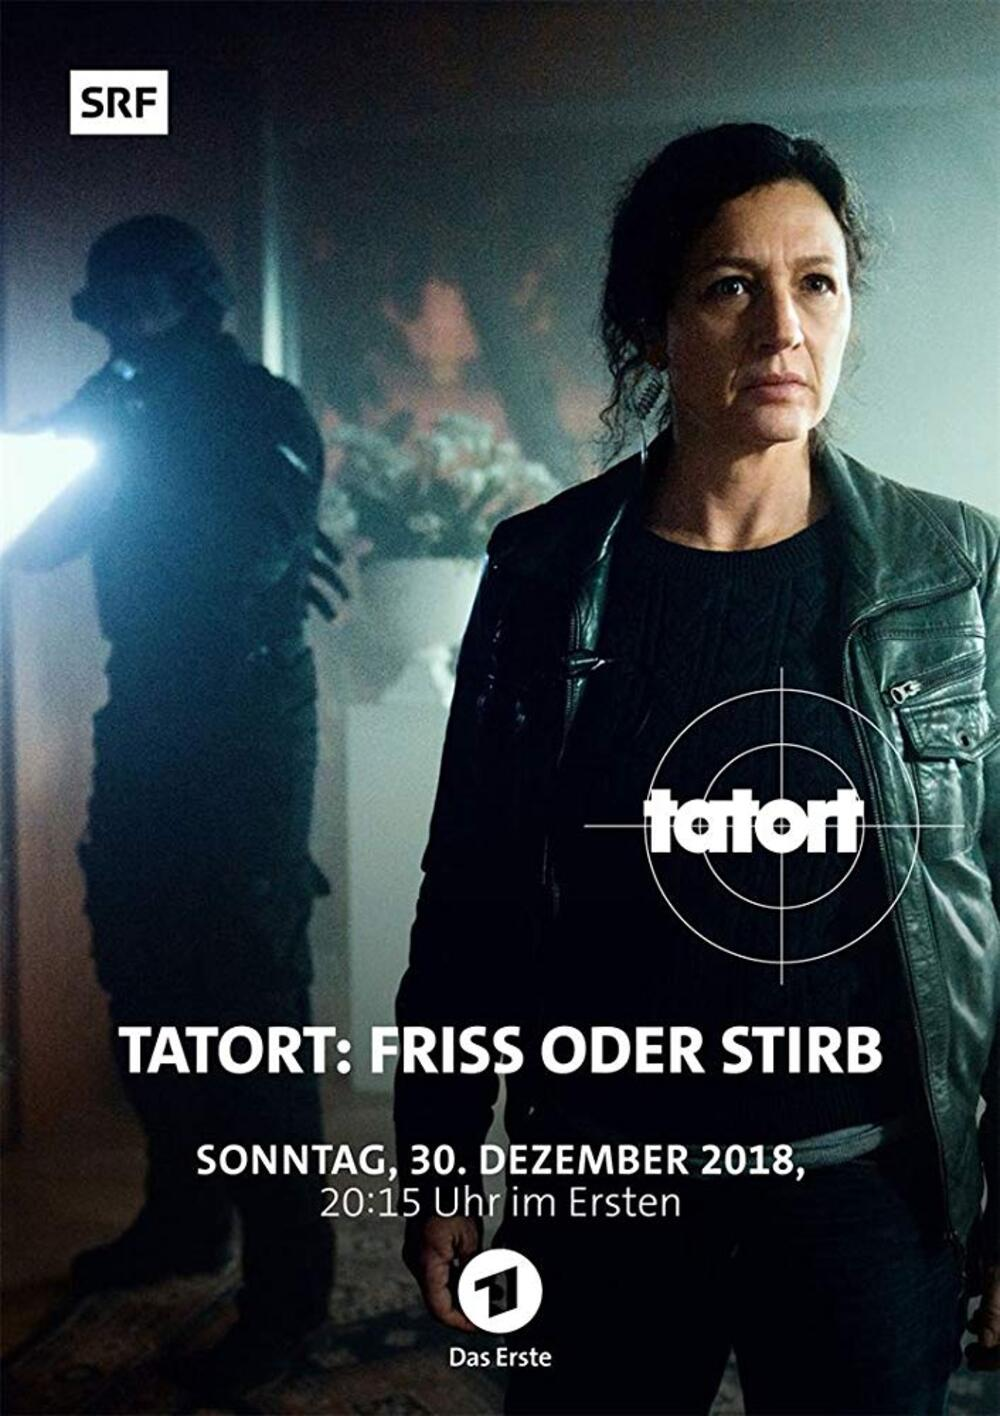 Tatort: Friss oder stirb (2018)